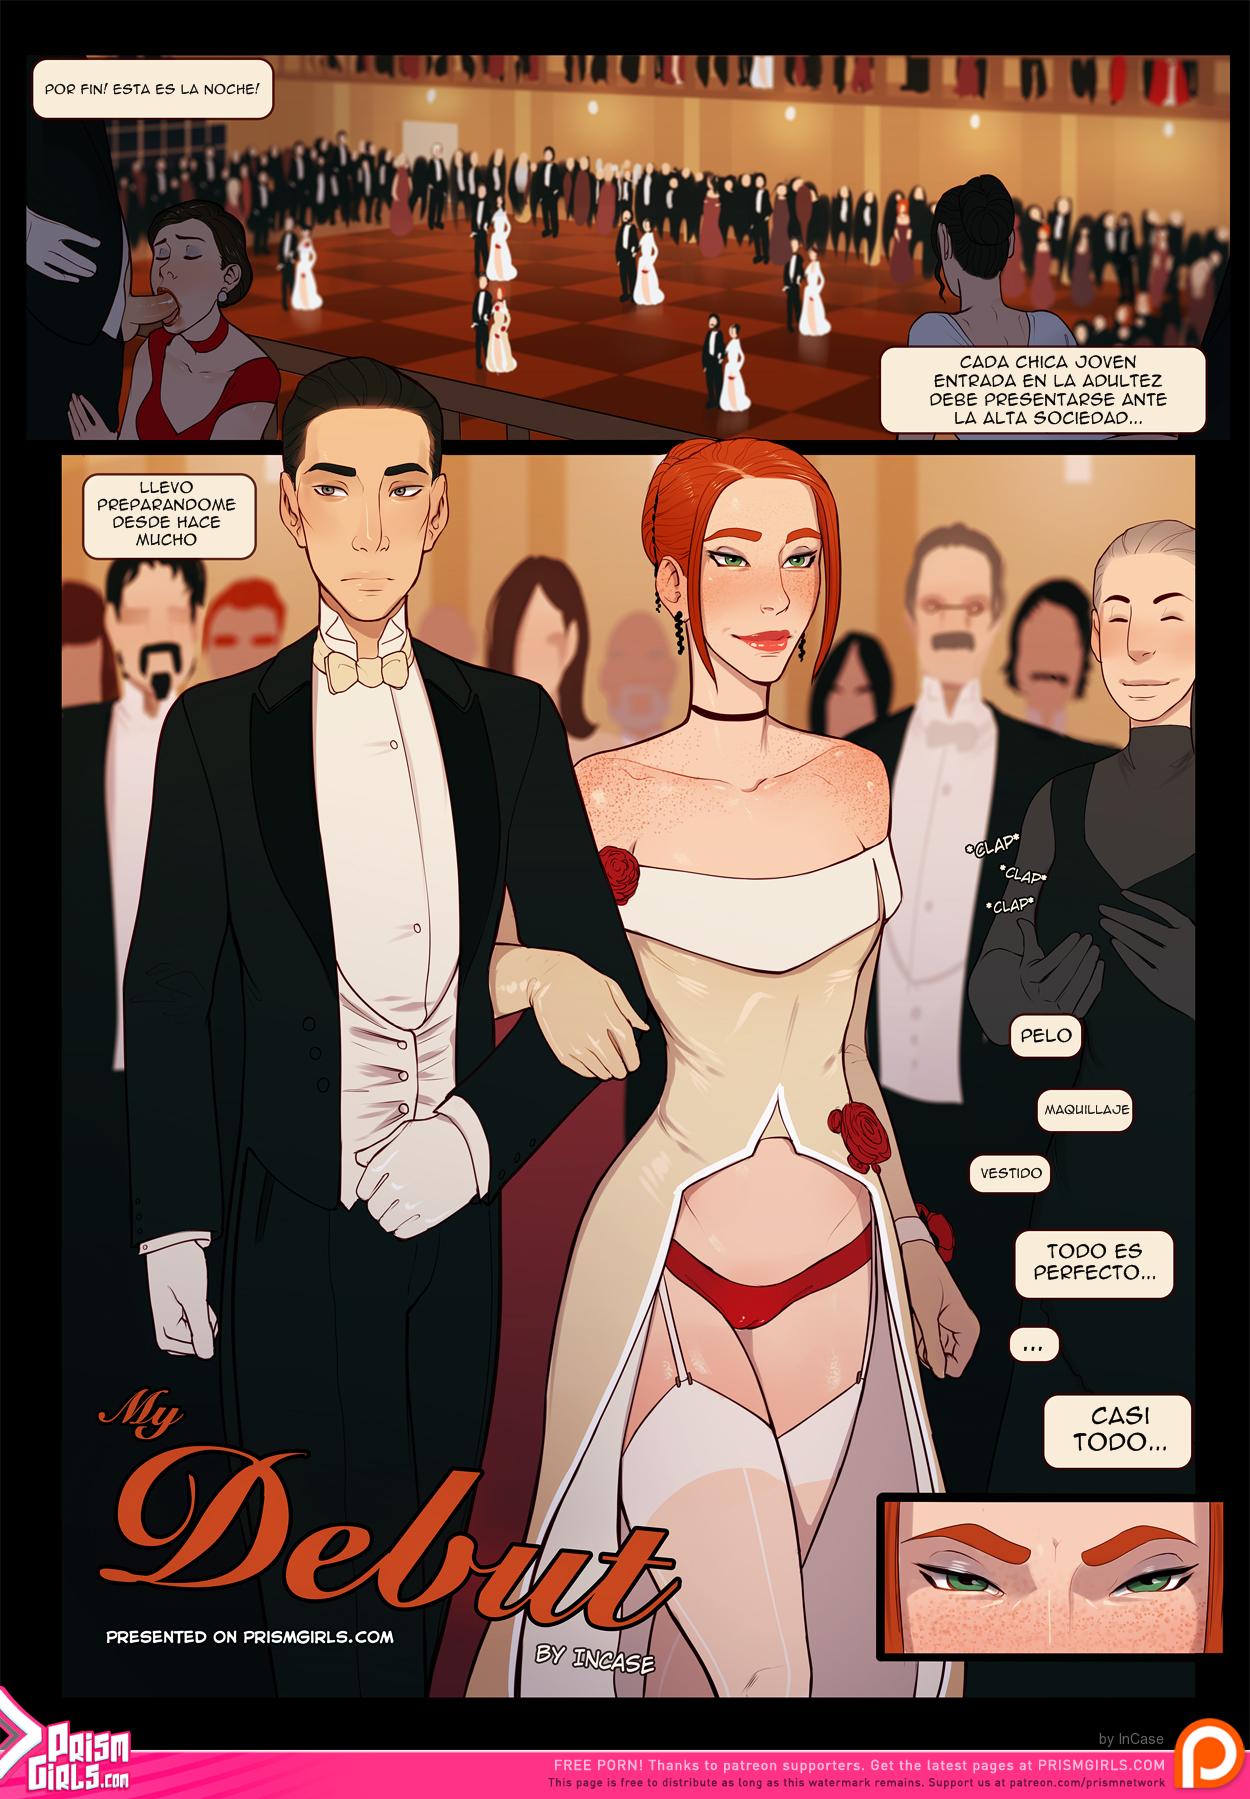 El Debut, cómic porno fantástico. 01